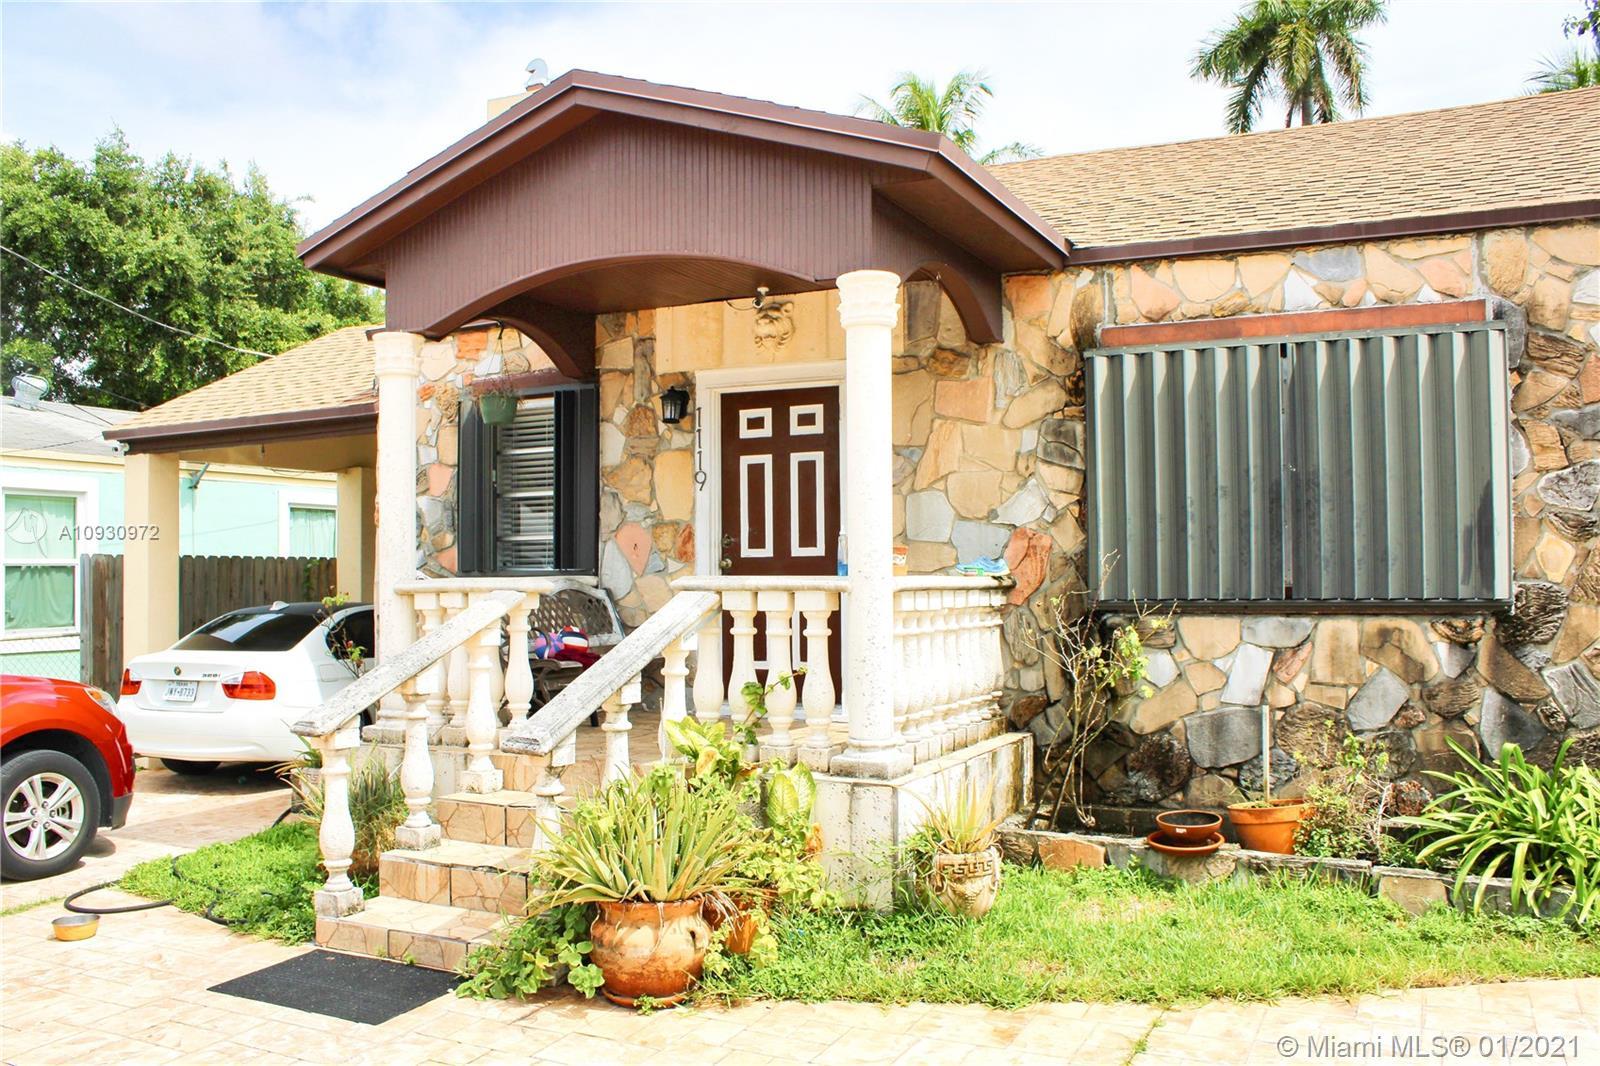 Allapattah - 1119 NW 27th St, Miami, FL 33127